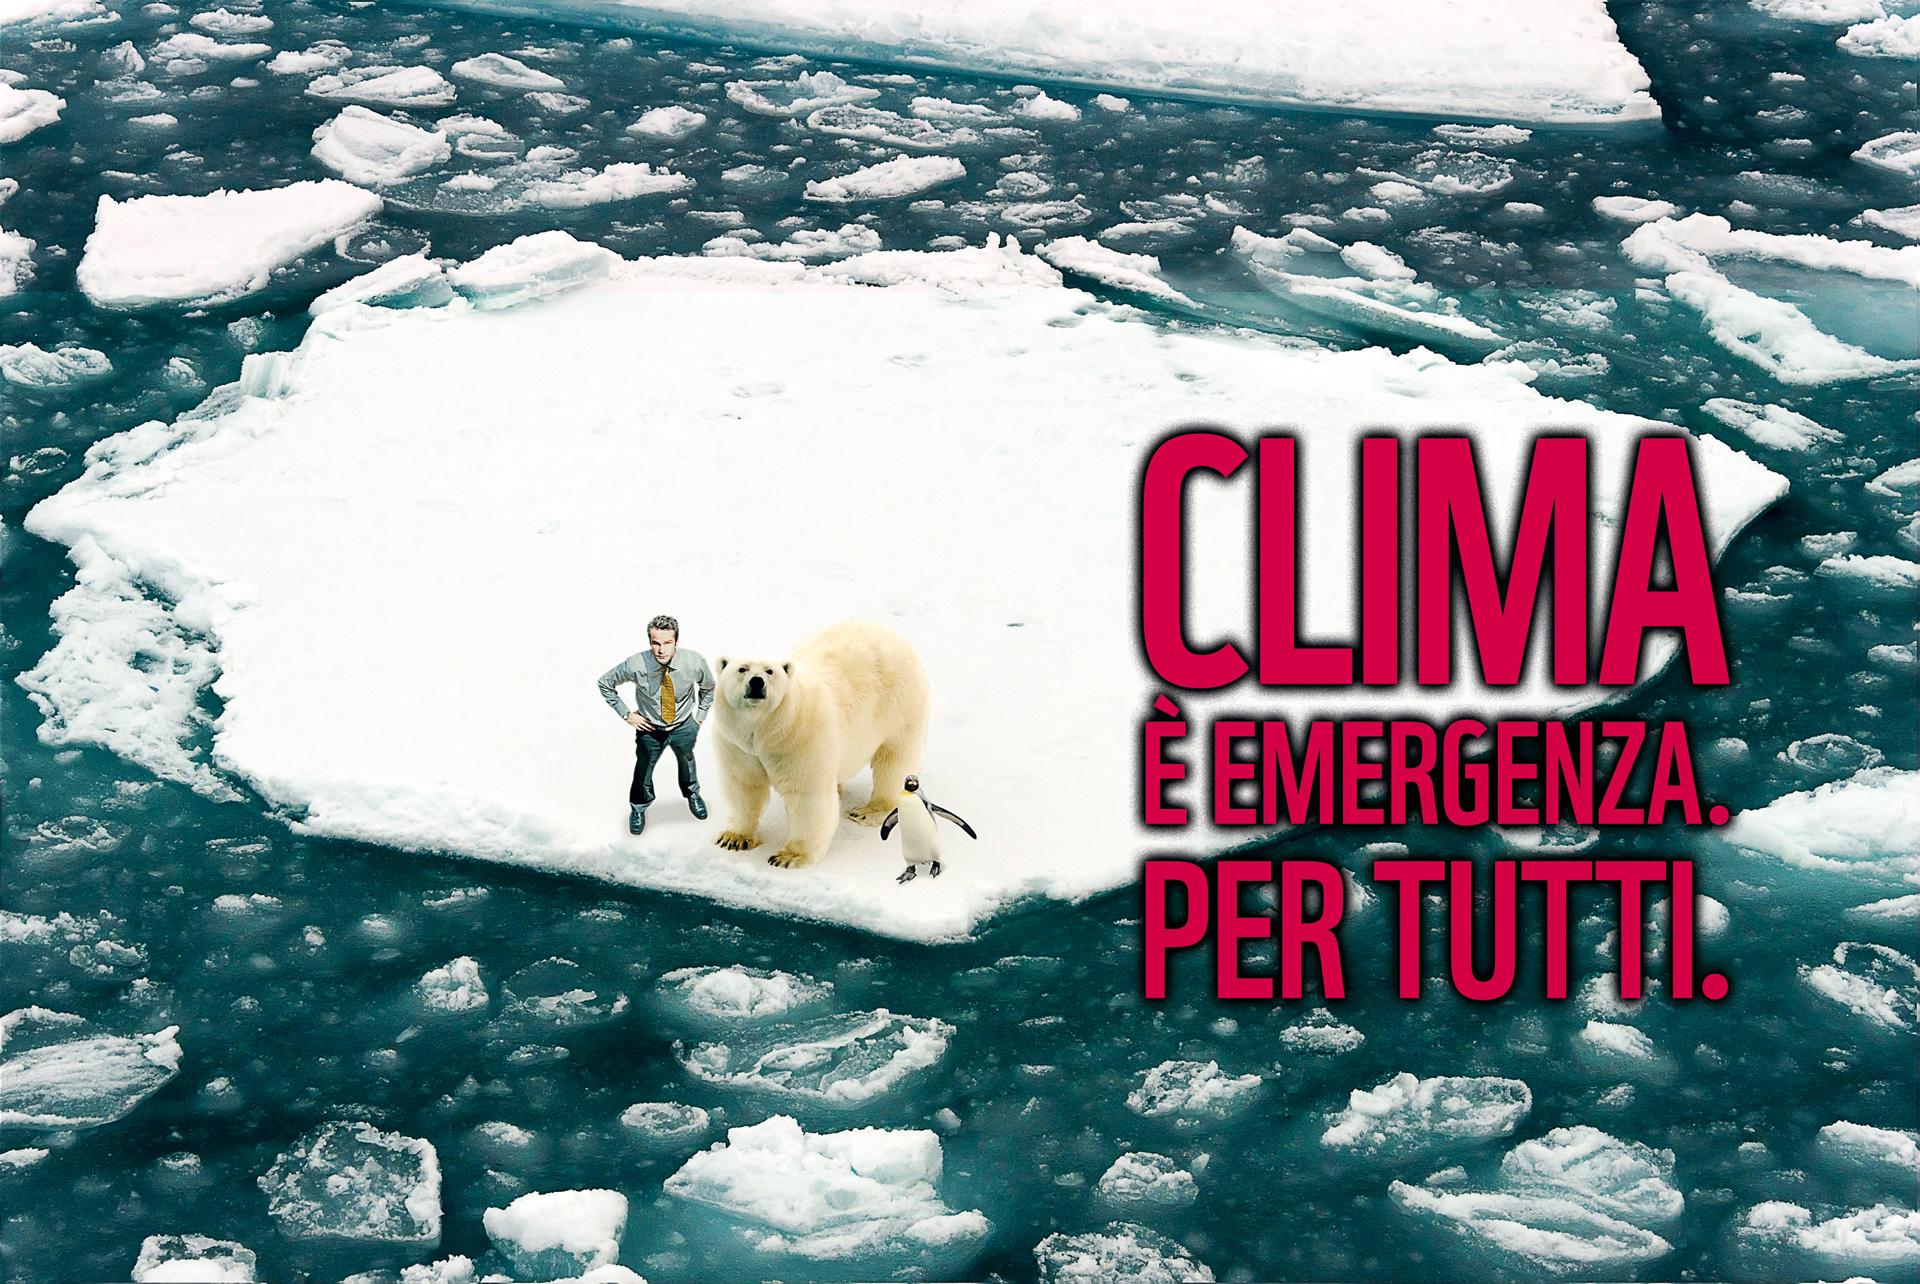 Clima è emergenza per tutti